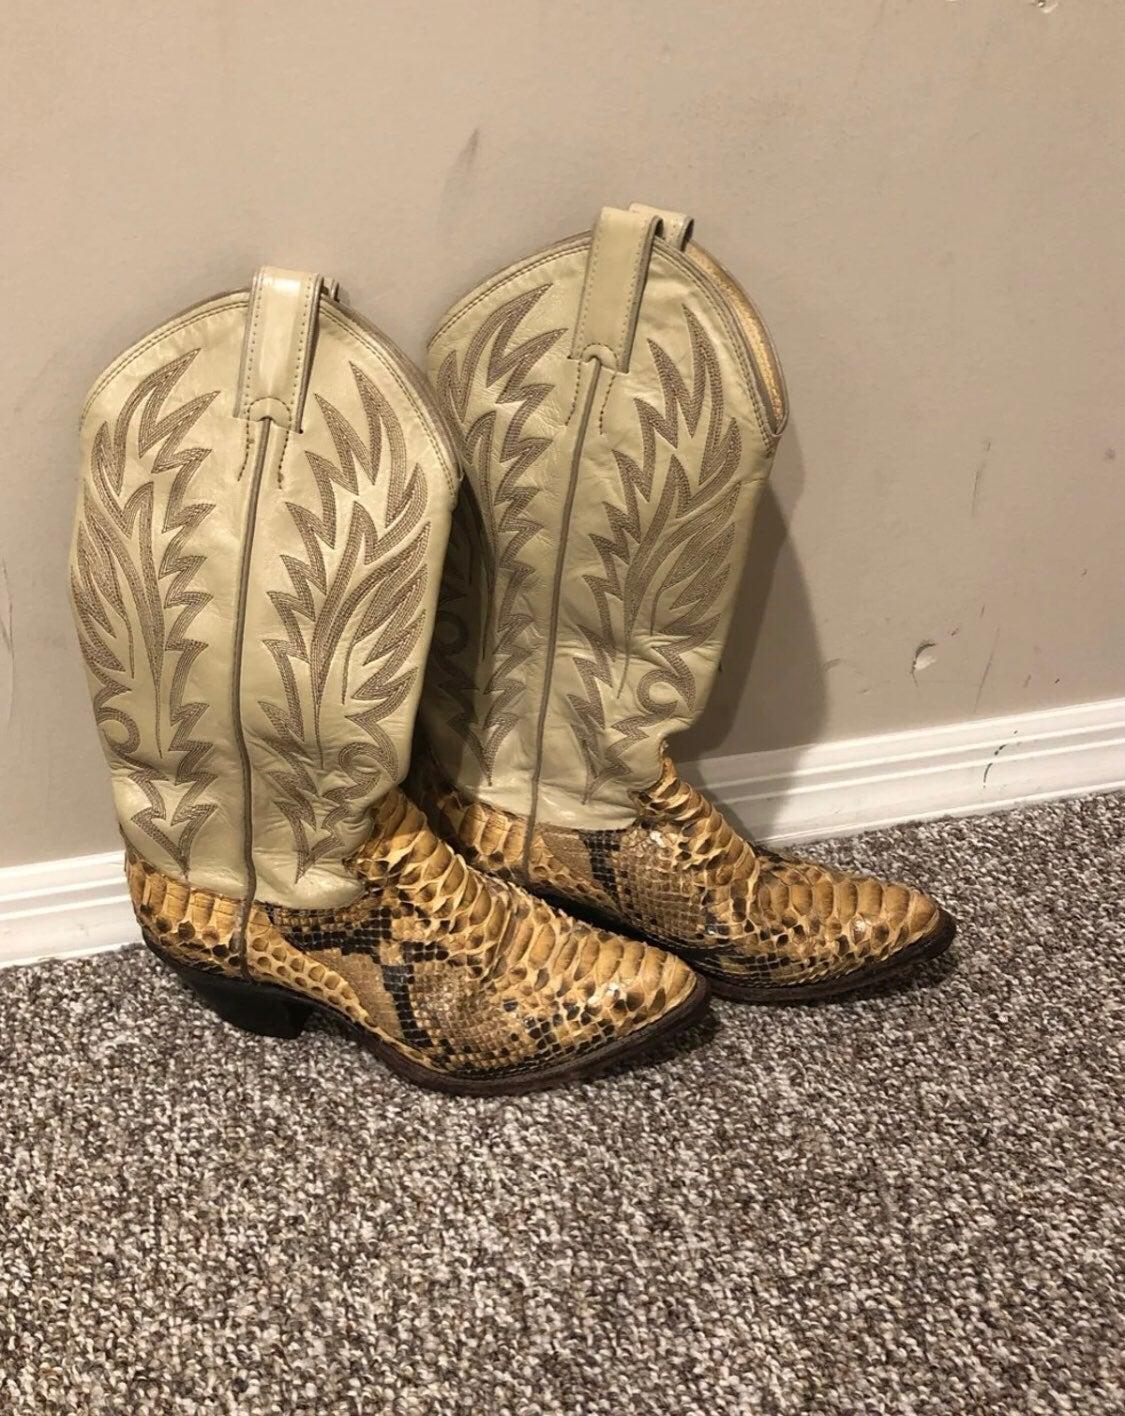 Vintage justin boots snake skin leather